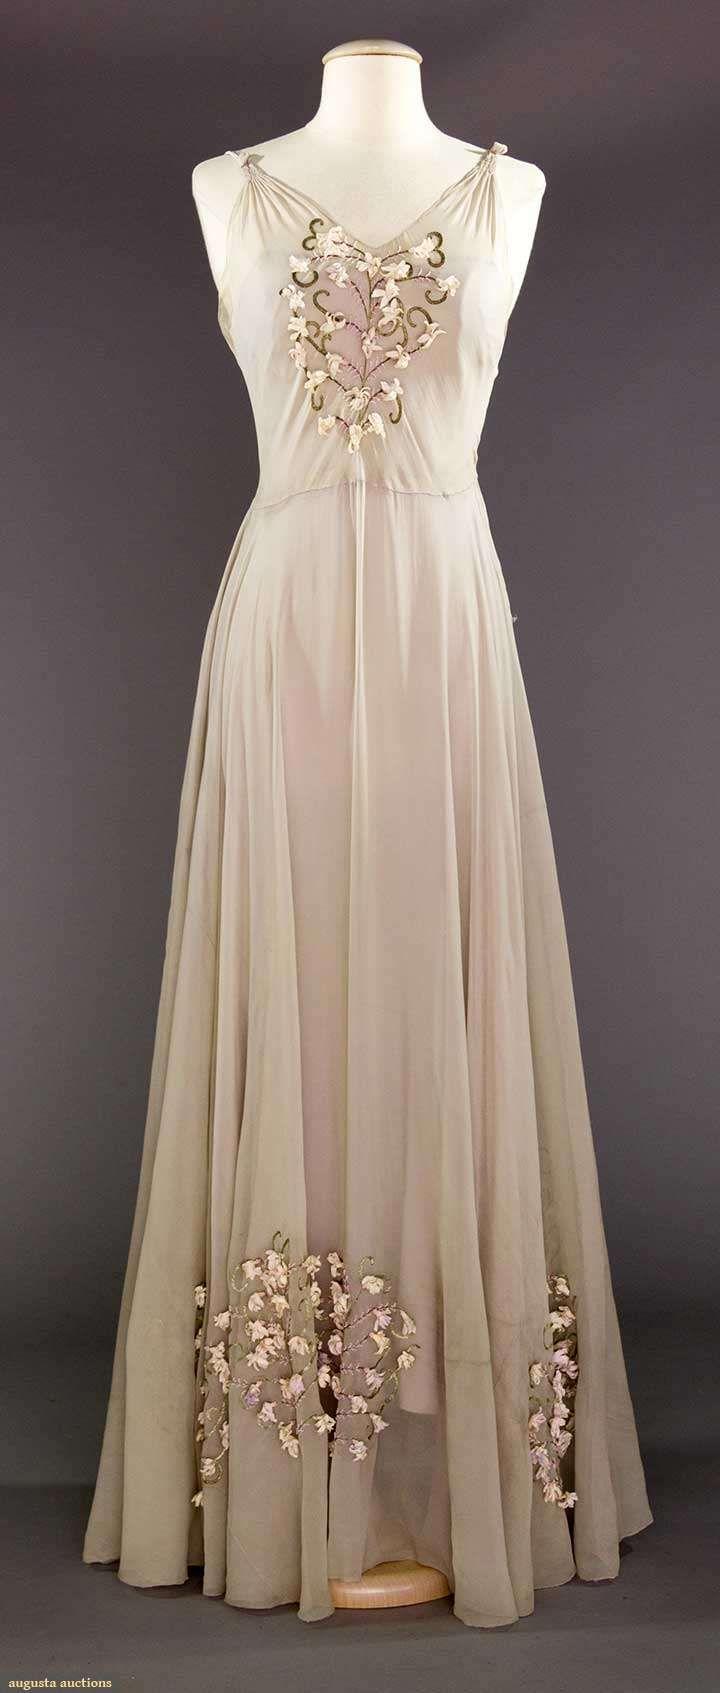 Pale Grey Chiffon Evening Gown C 1937 Vintage Gowns Beautiful Dresses Vintage Dresses